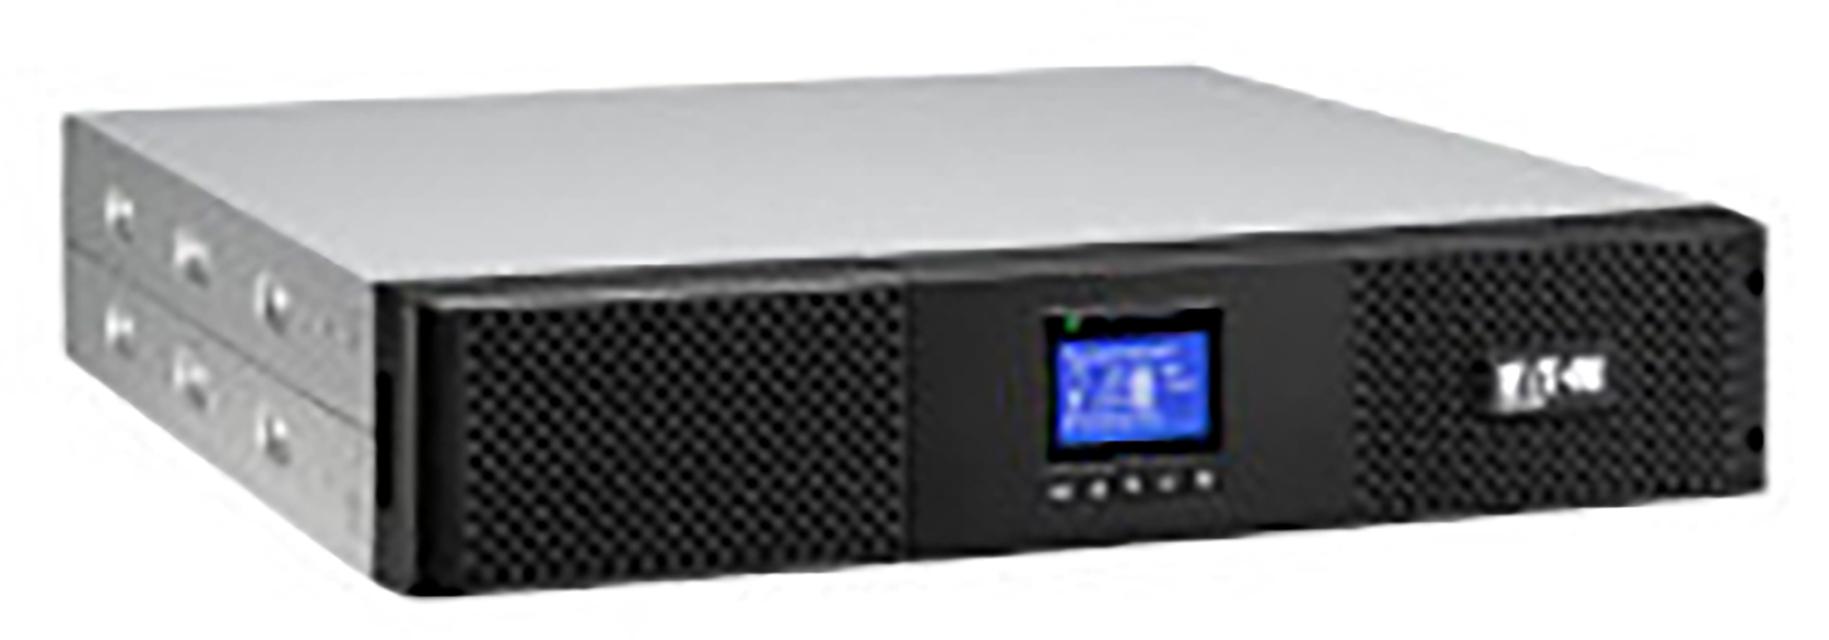 Eaton 9SX sistema de alimentación ininterrumpida (UPS) Doble conversión (en línea) 2000 VA 1800 W 9 salidas AC